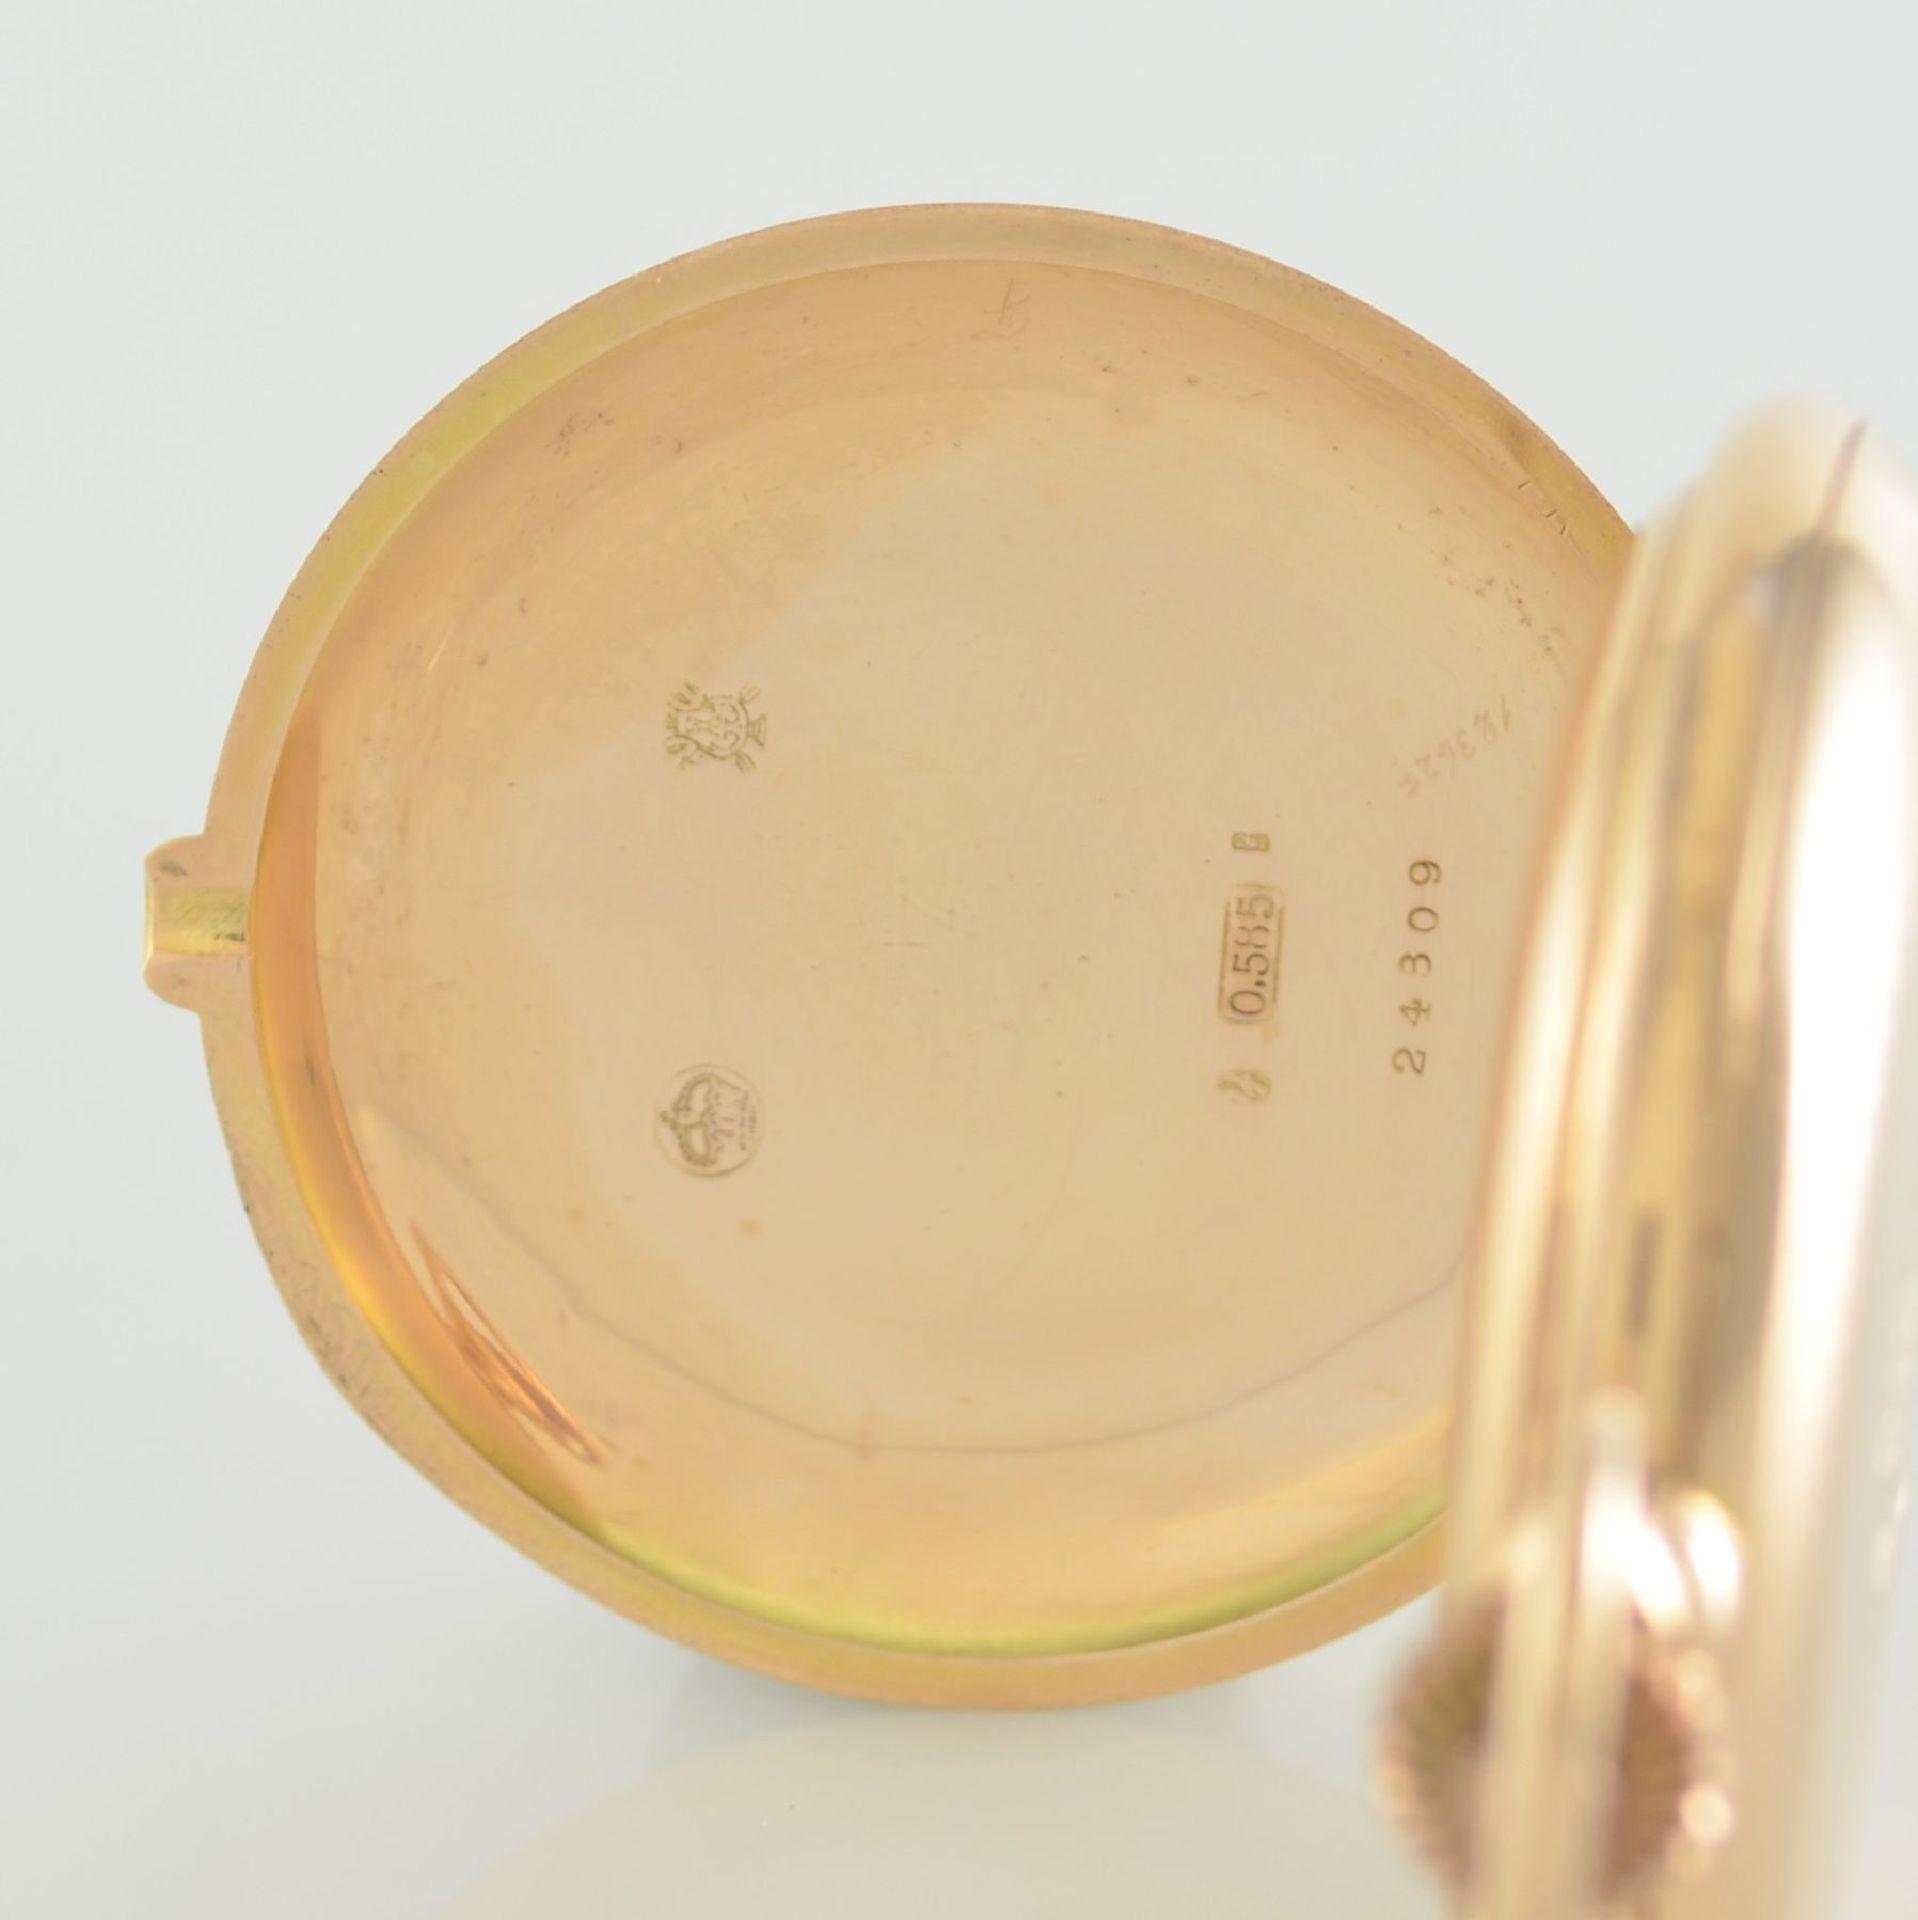 Herrensavonette in RG 585/000, Schweiz um 1900, guill. 3-Deckel Goldgeh. berieben/dell., à-goutte- - Bild 5 aus 7